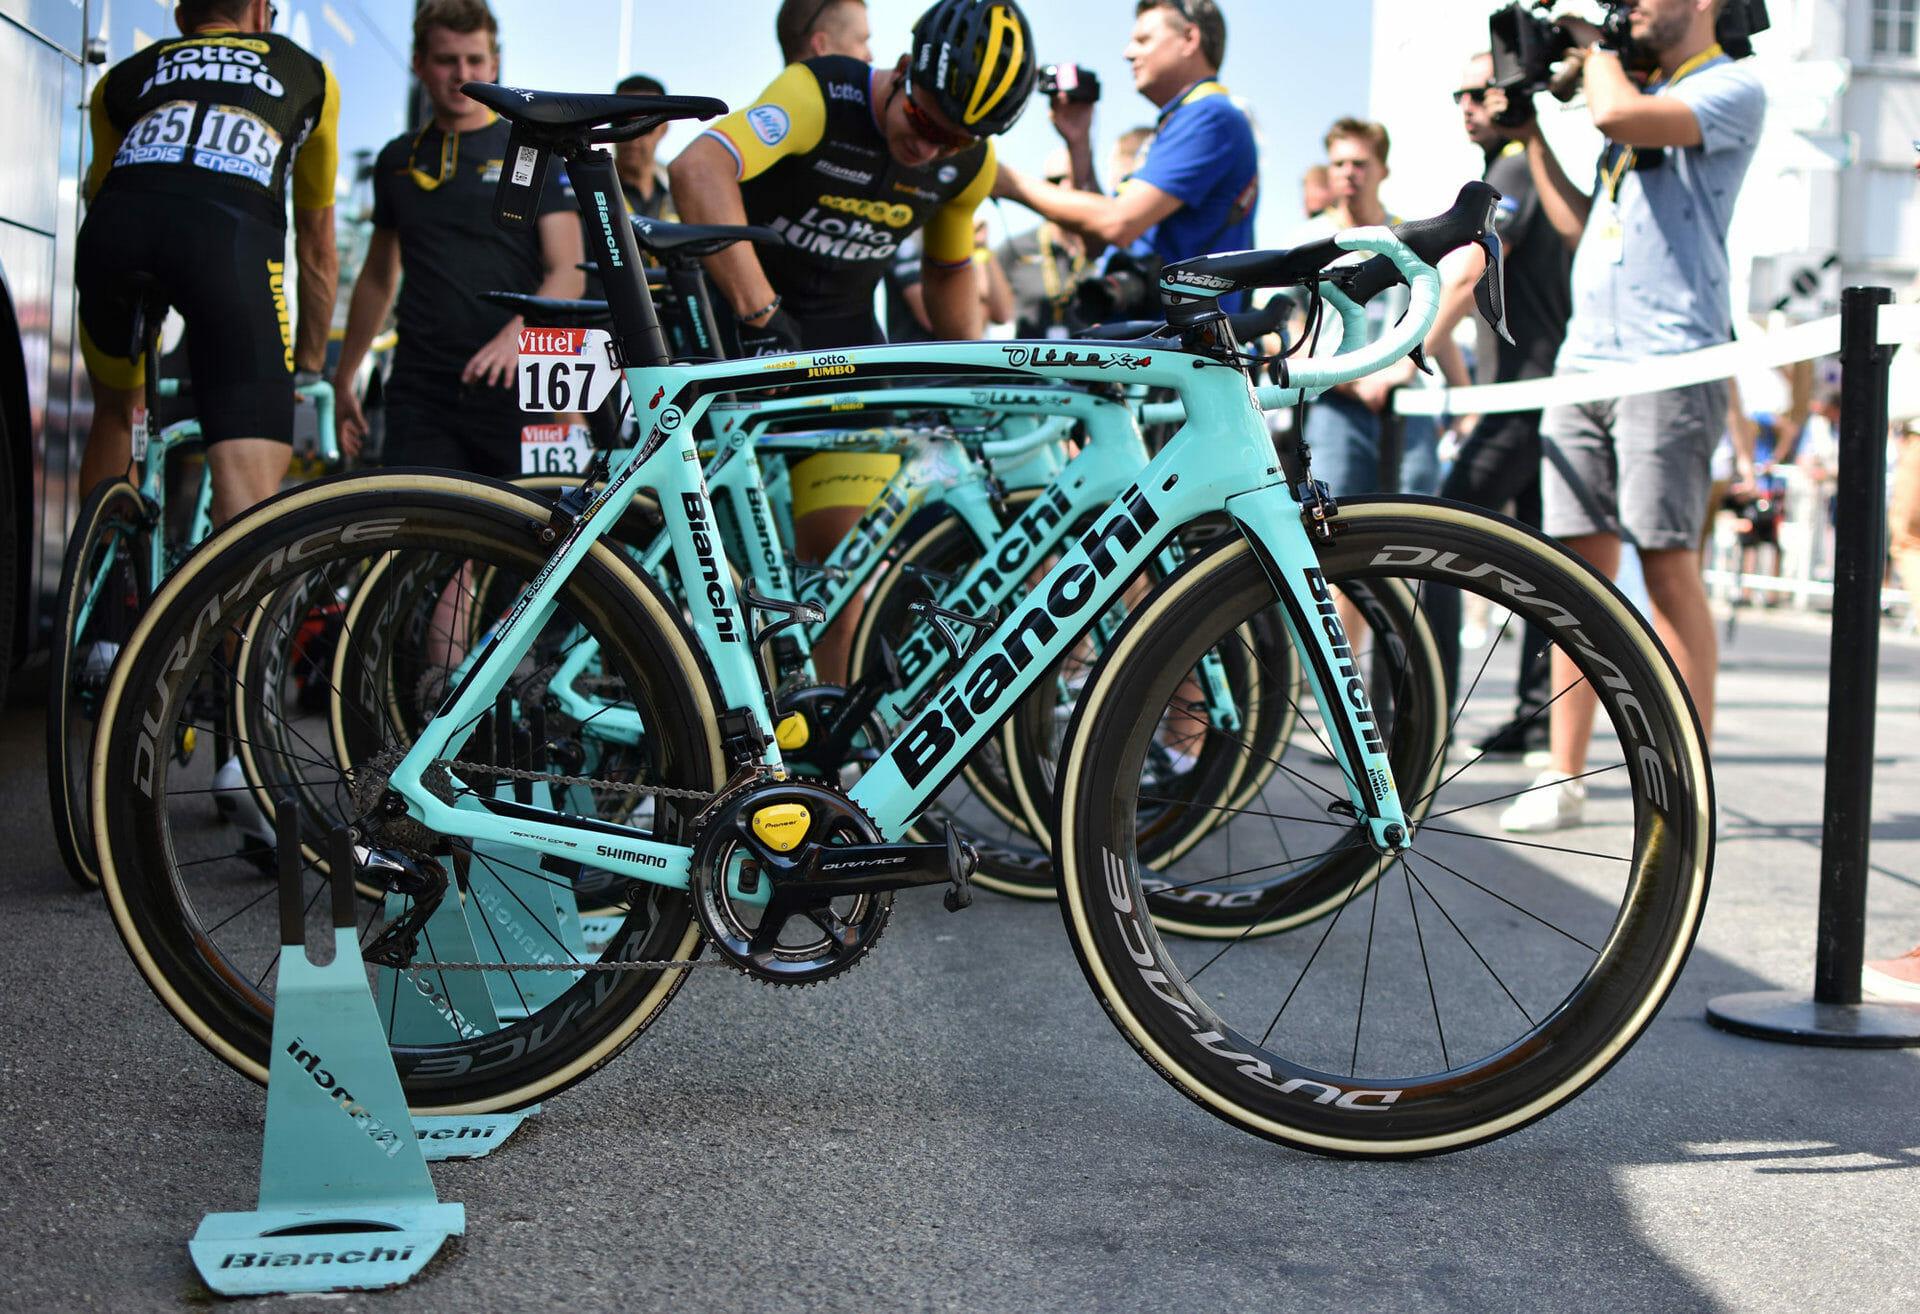 Beside Sport - Les plus beaux vélos du Tour de France 2018 -  -